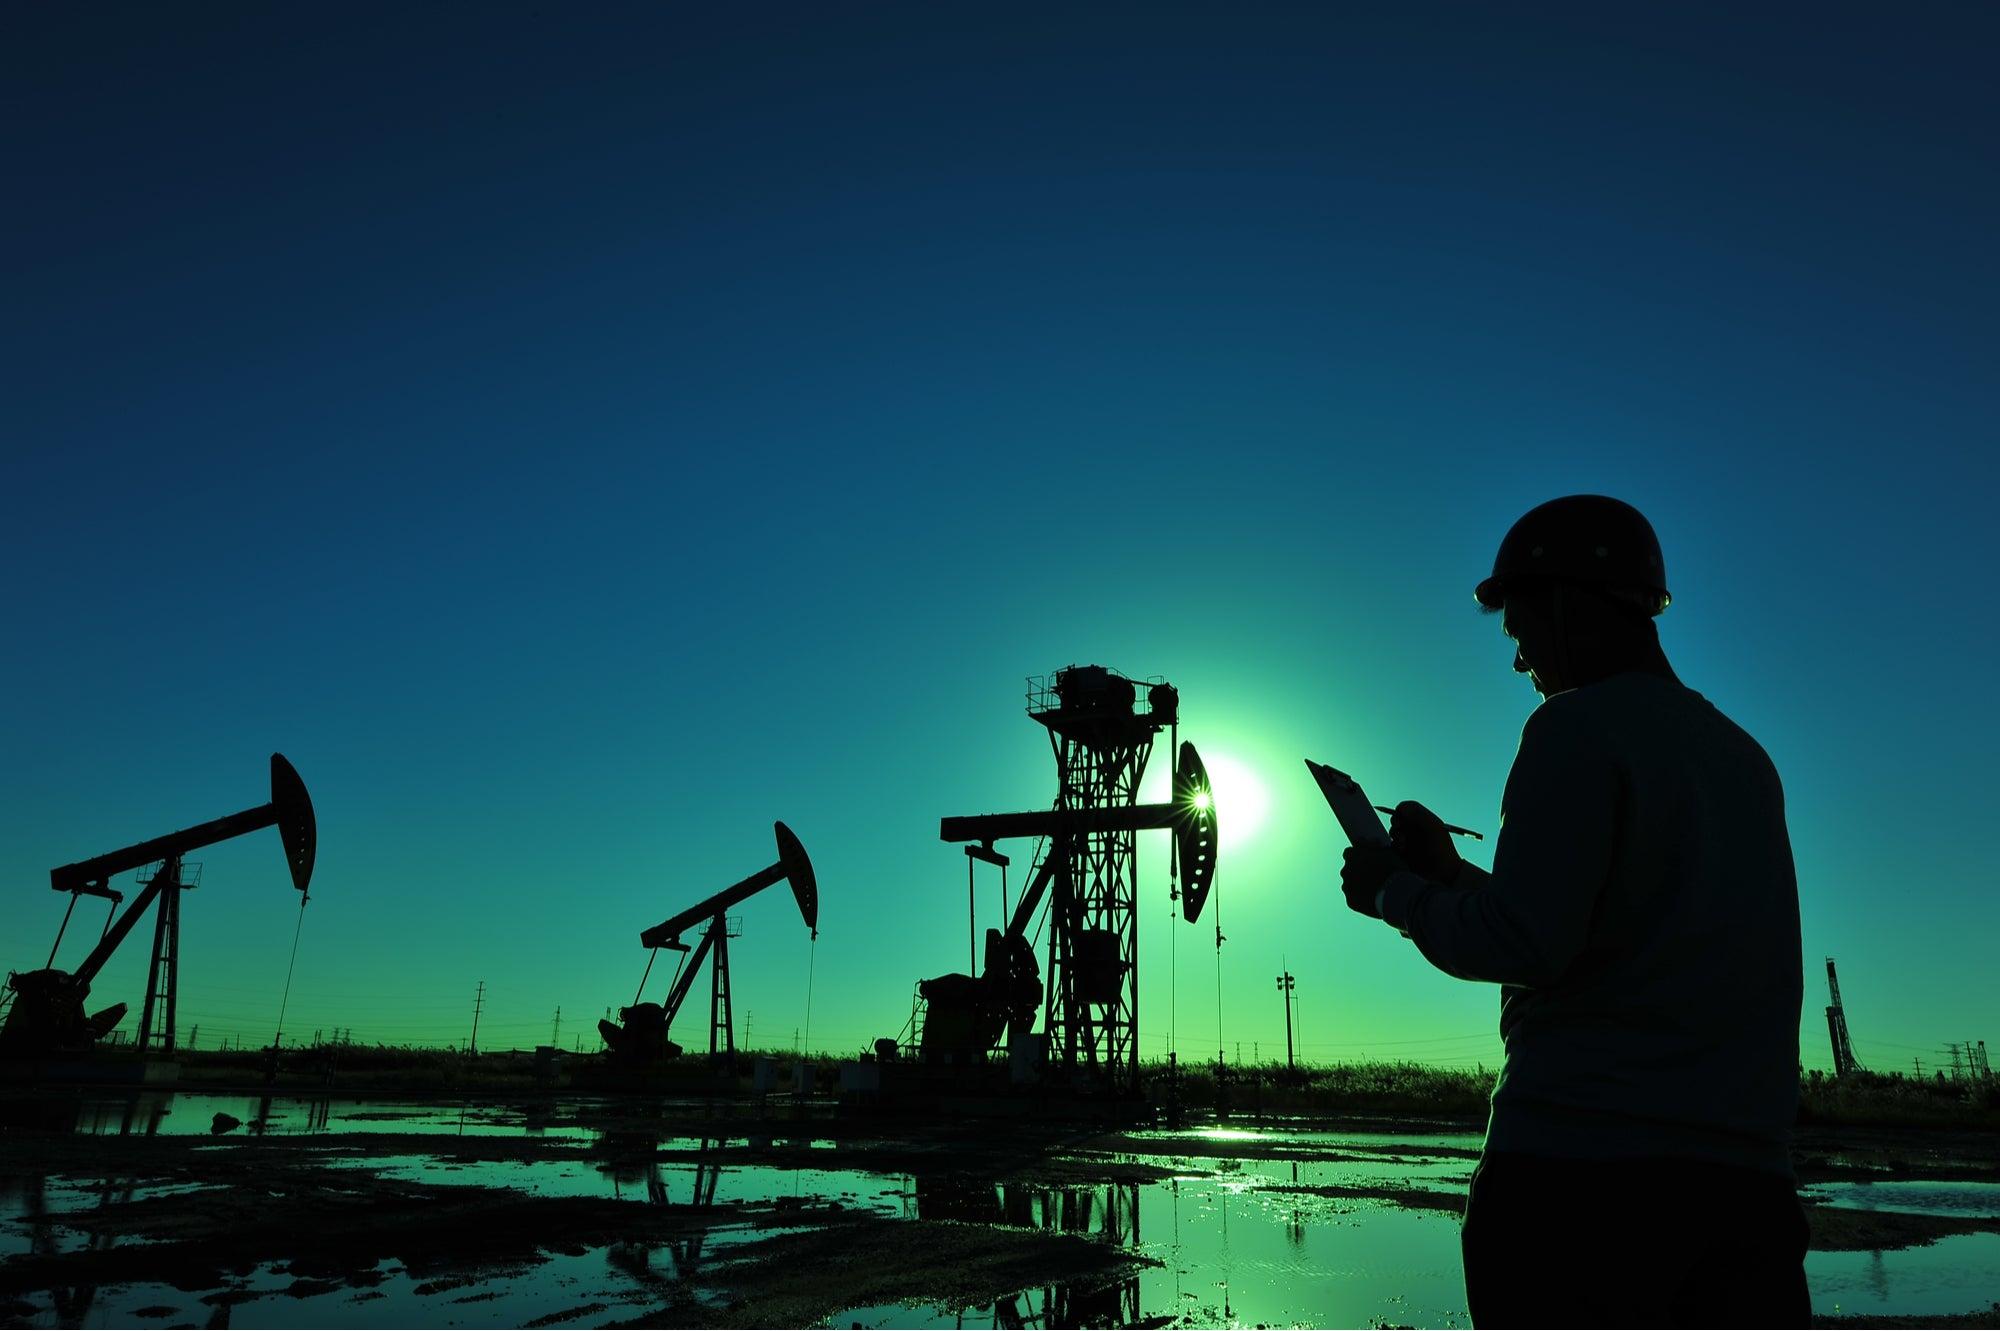 Petróleo negativo: ¿qué hay detrás del precio negativo del petróleo? -  Ideas que Cuentan